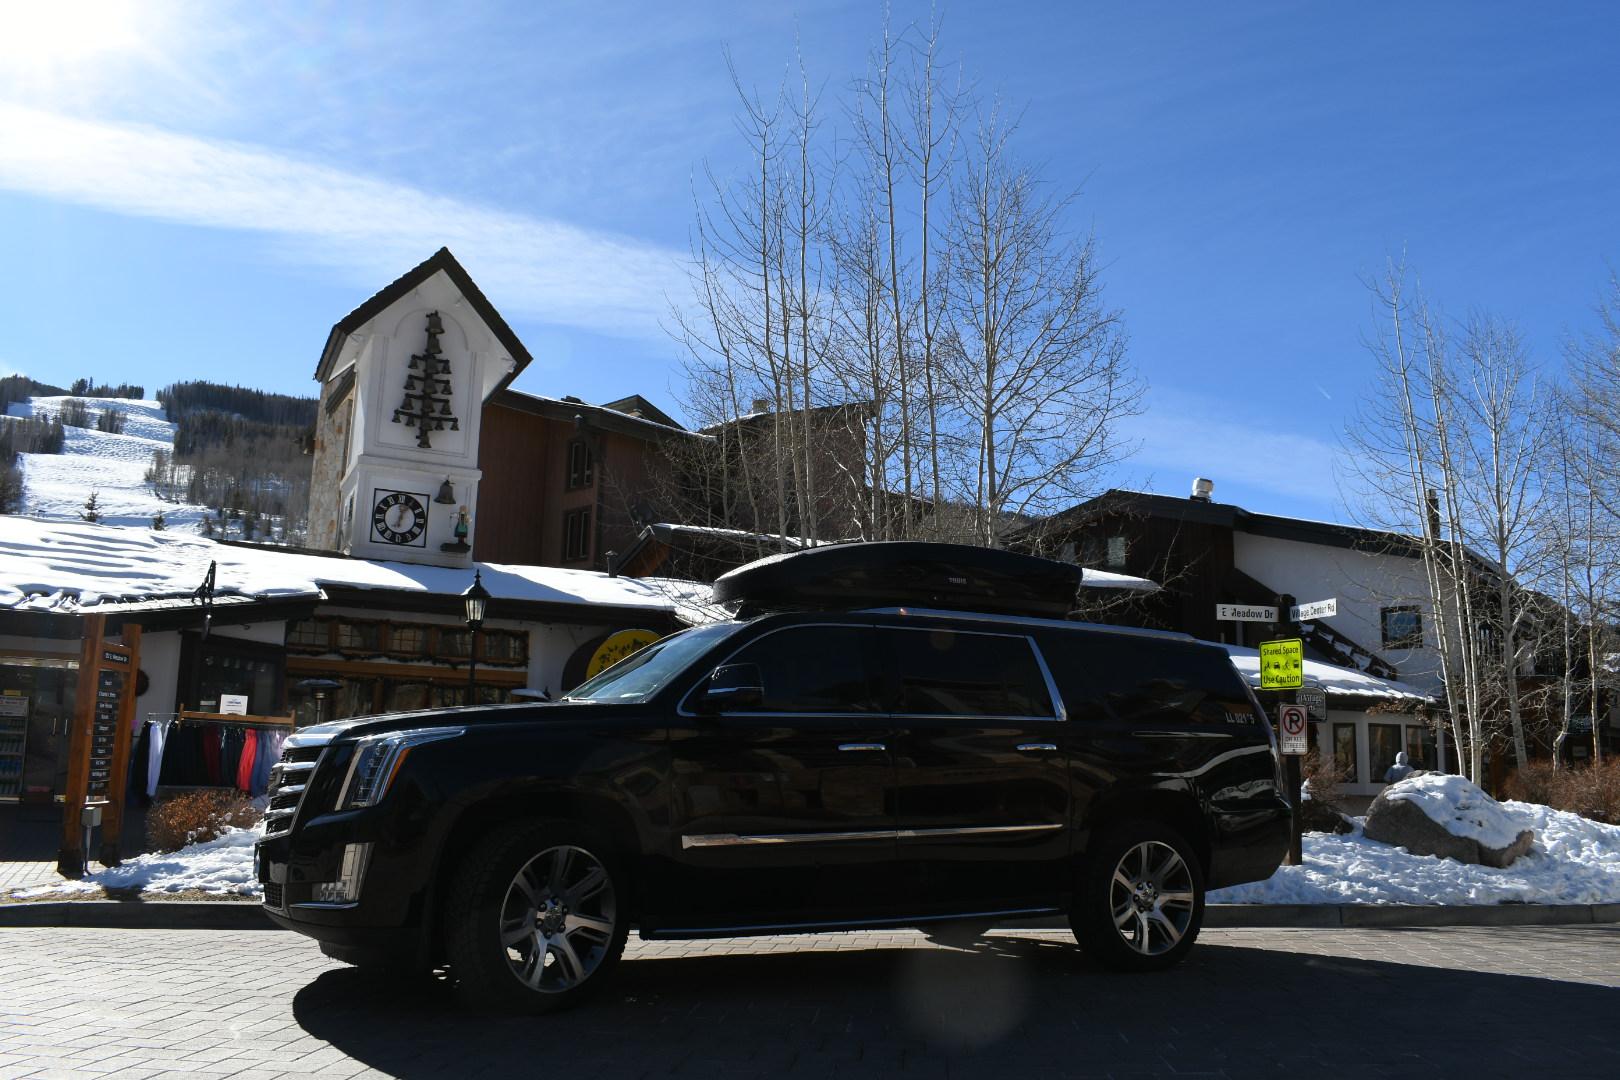 Winter outdoor sports activates in Vail Colorado